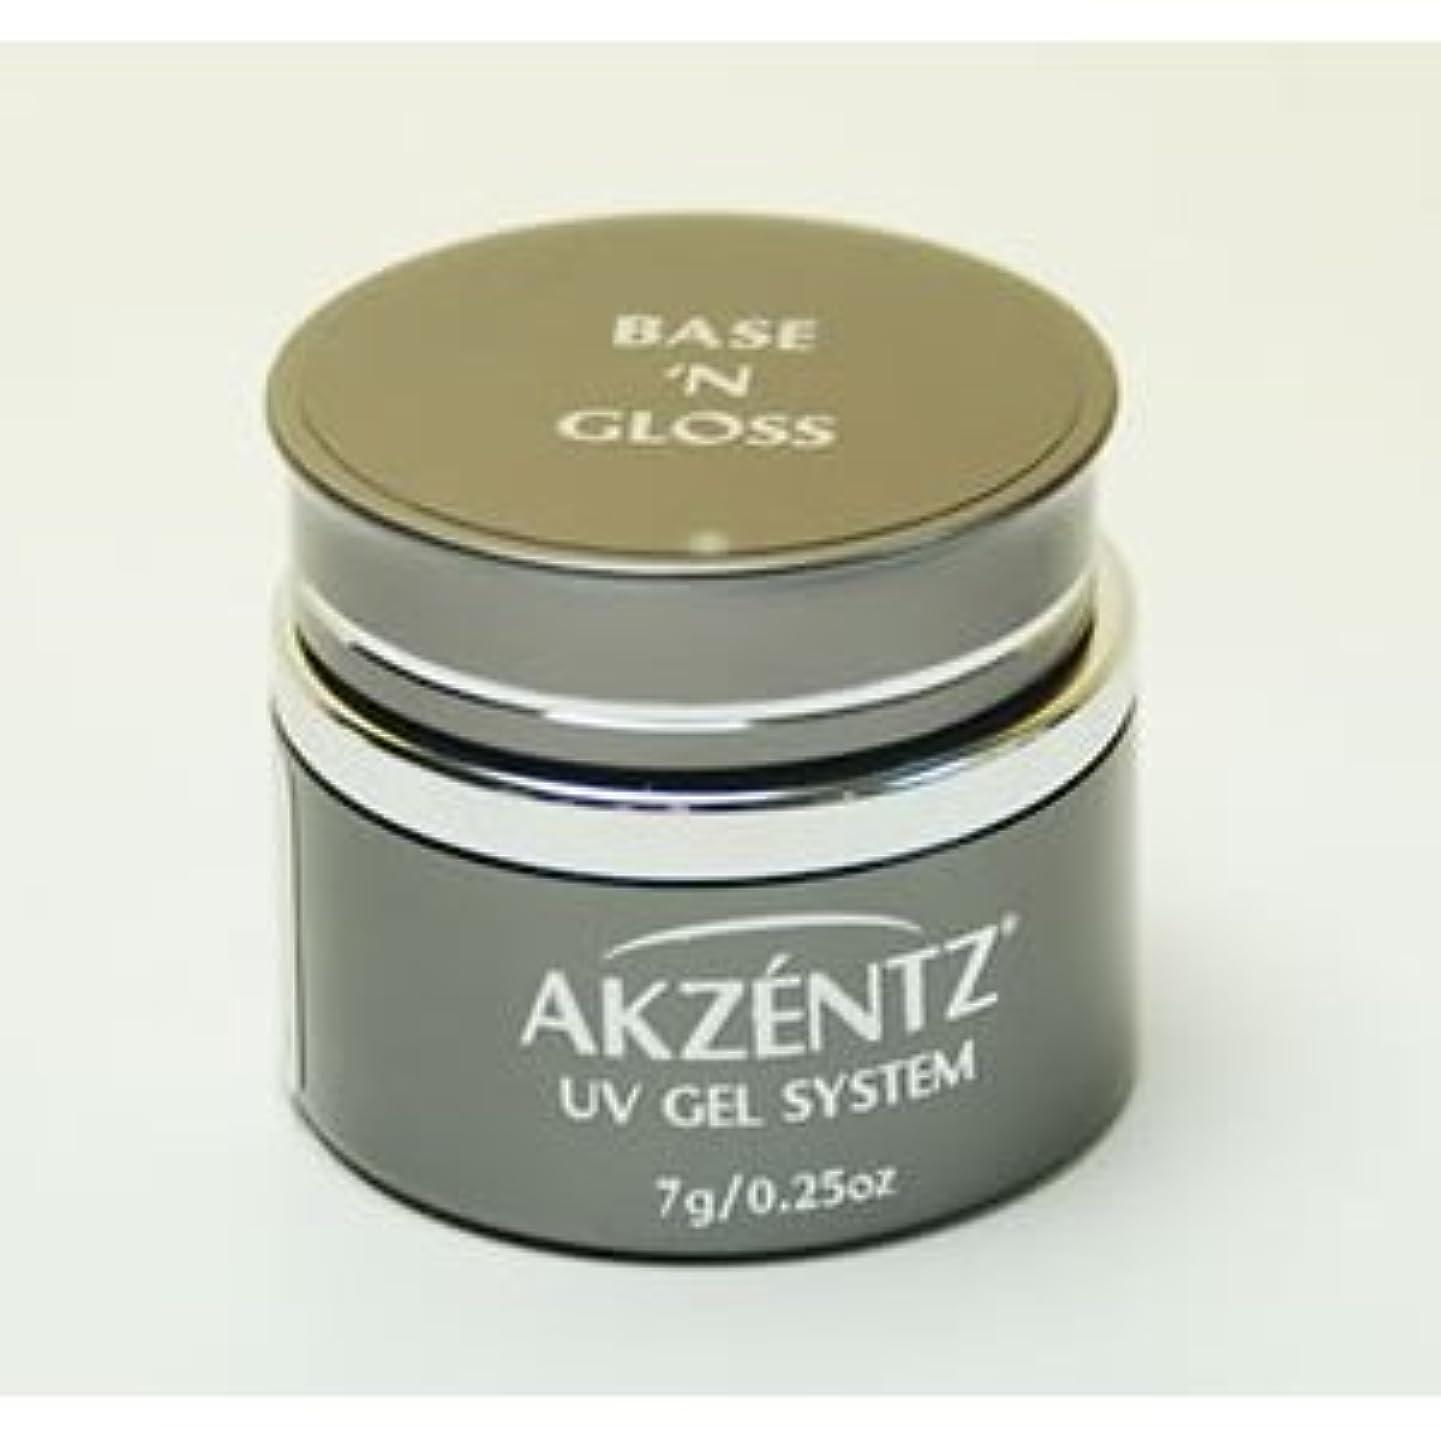 過剰冷酷なスクラップアクセンツ(AKZENTZ) ベースングロス7g